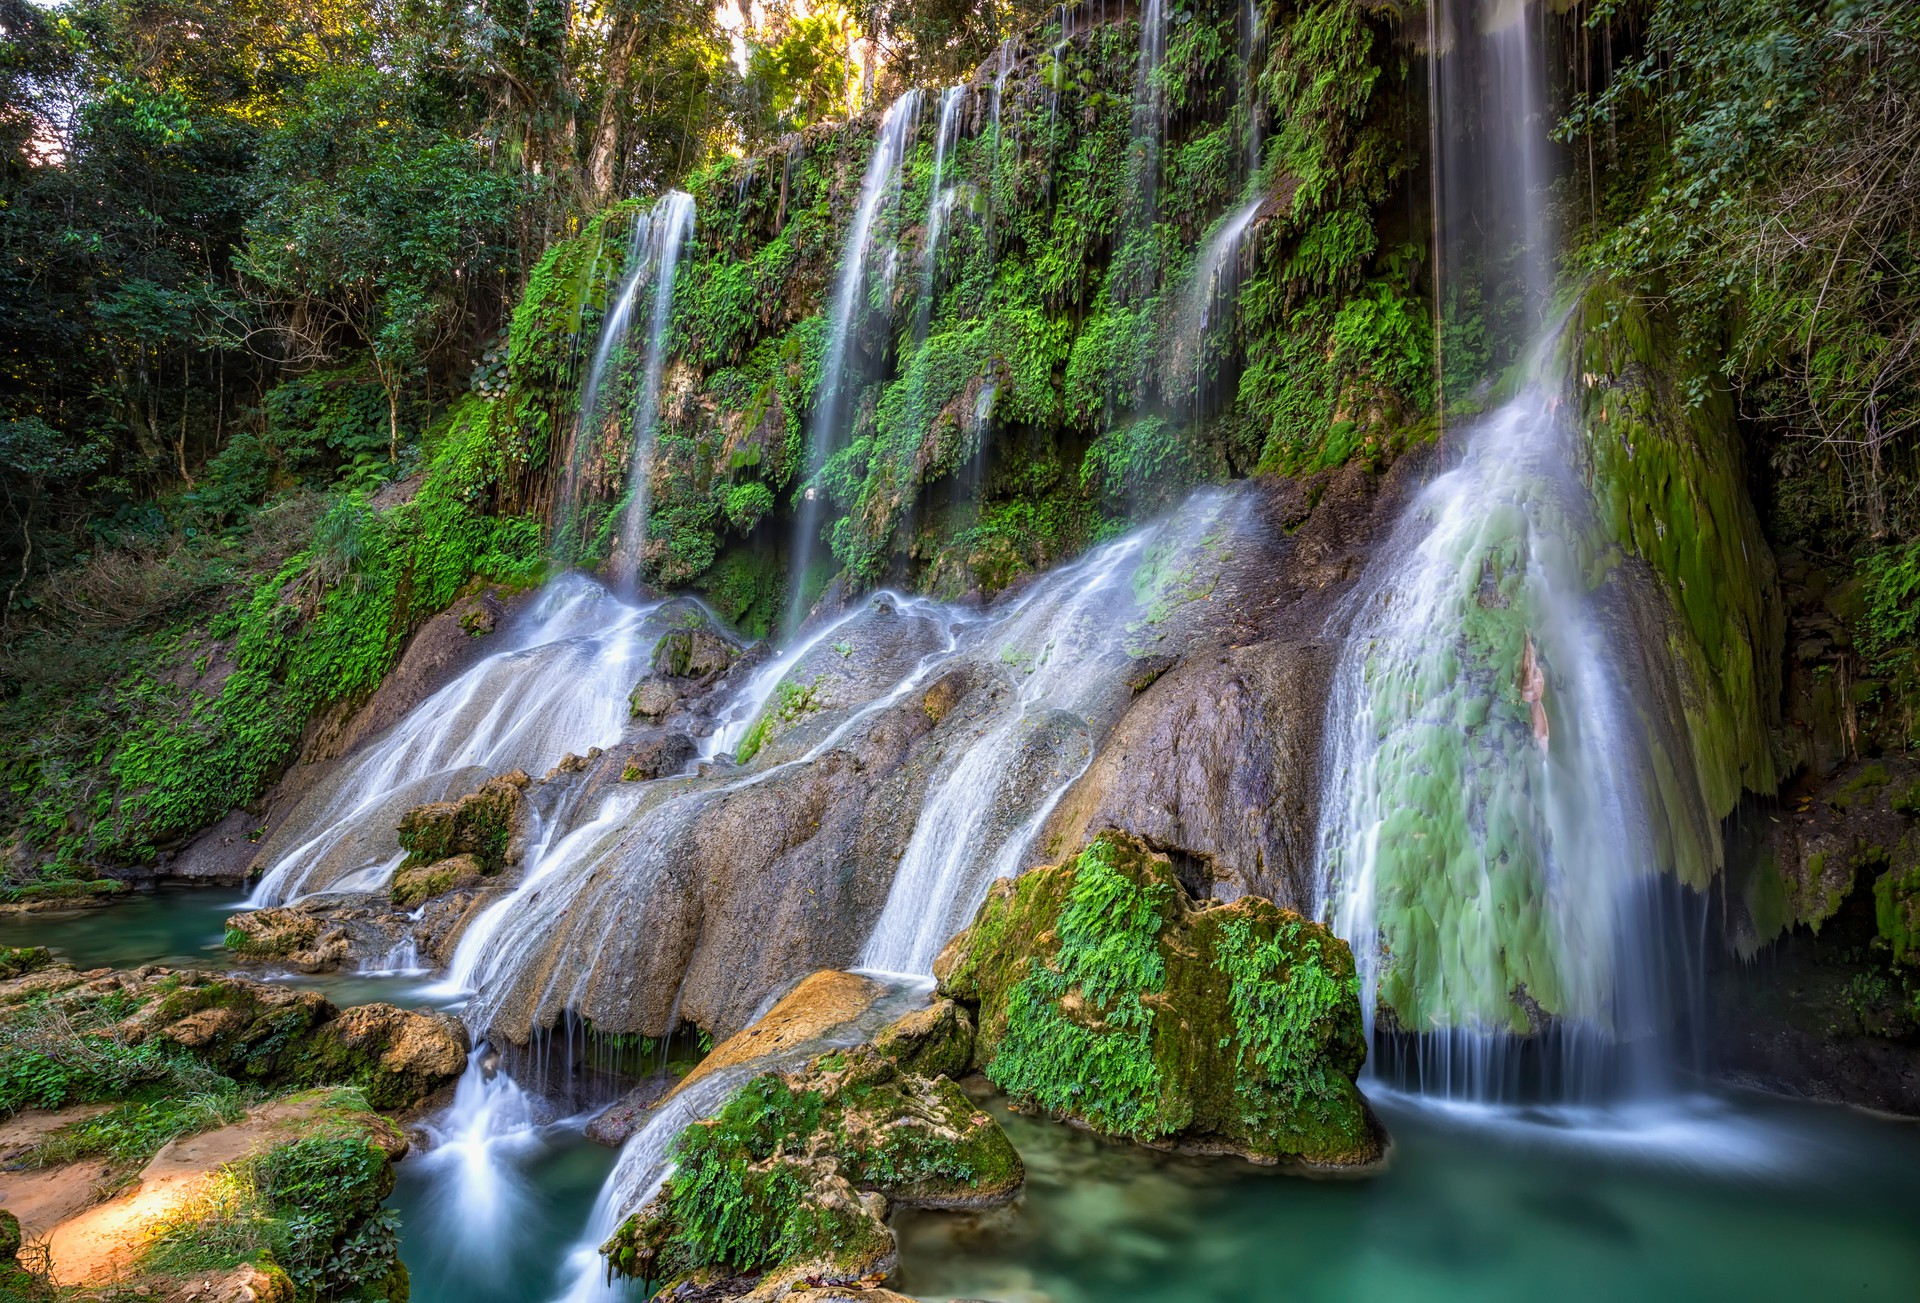 The El Nicho Falls in Cuba